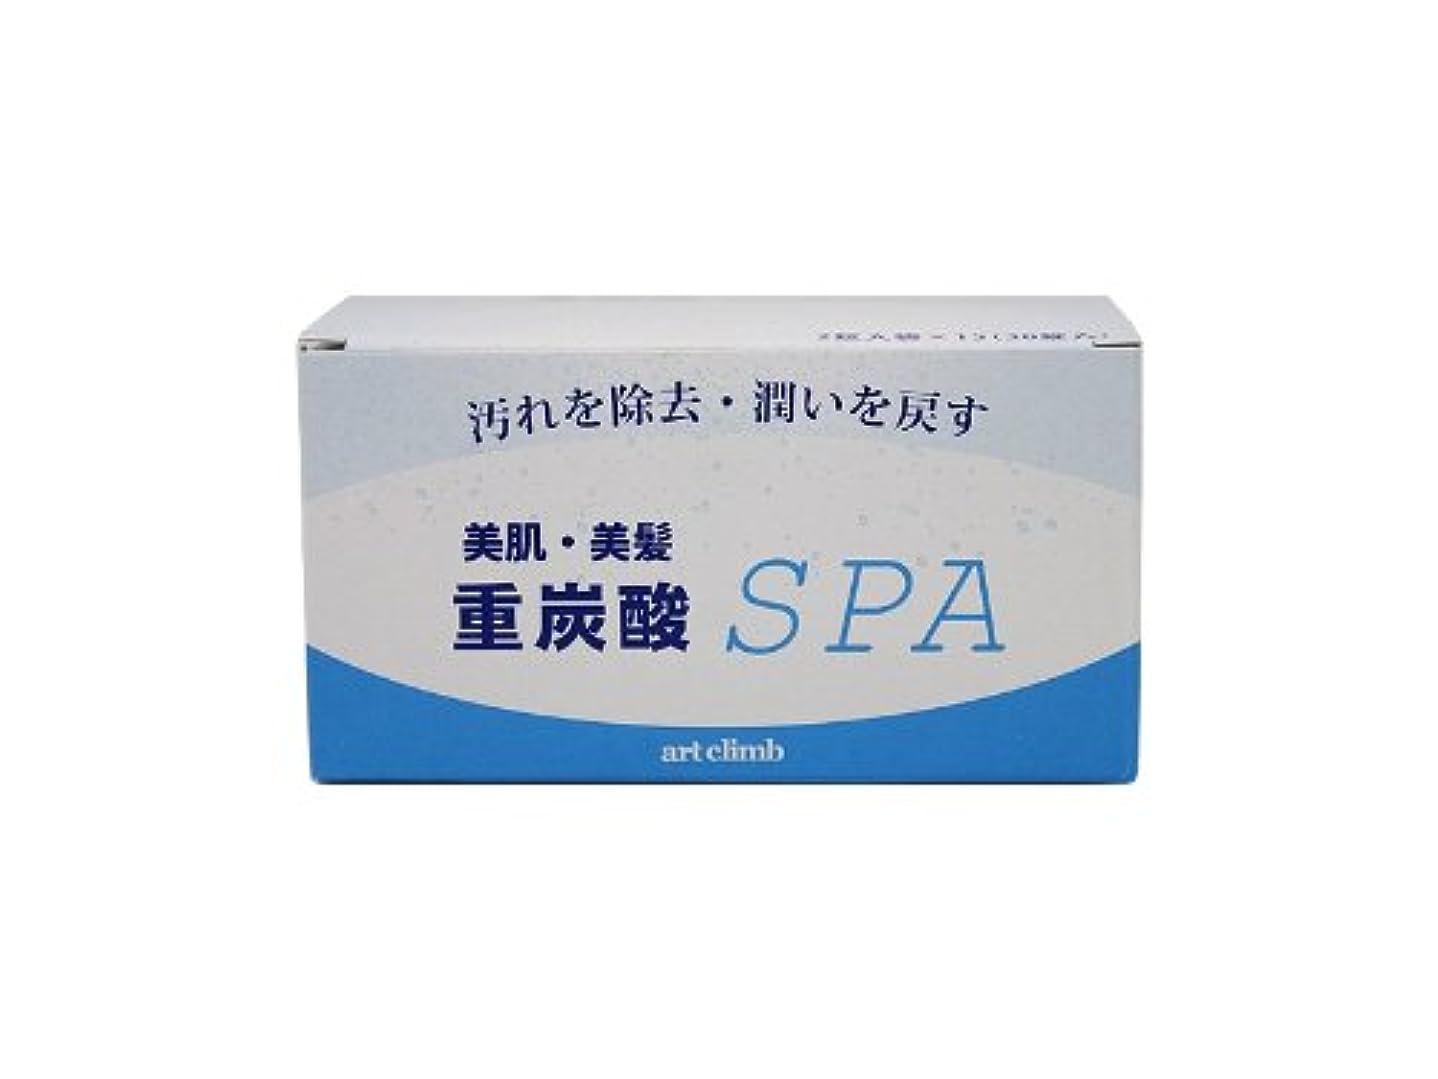 重炭酸SPA (15g 30錠入り)